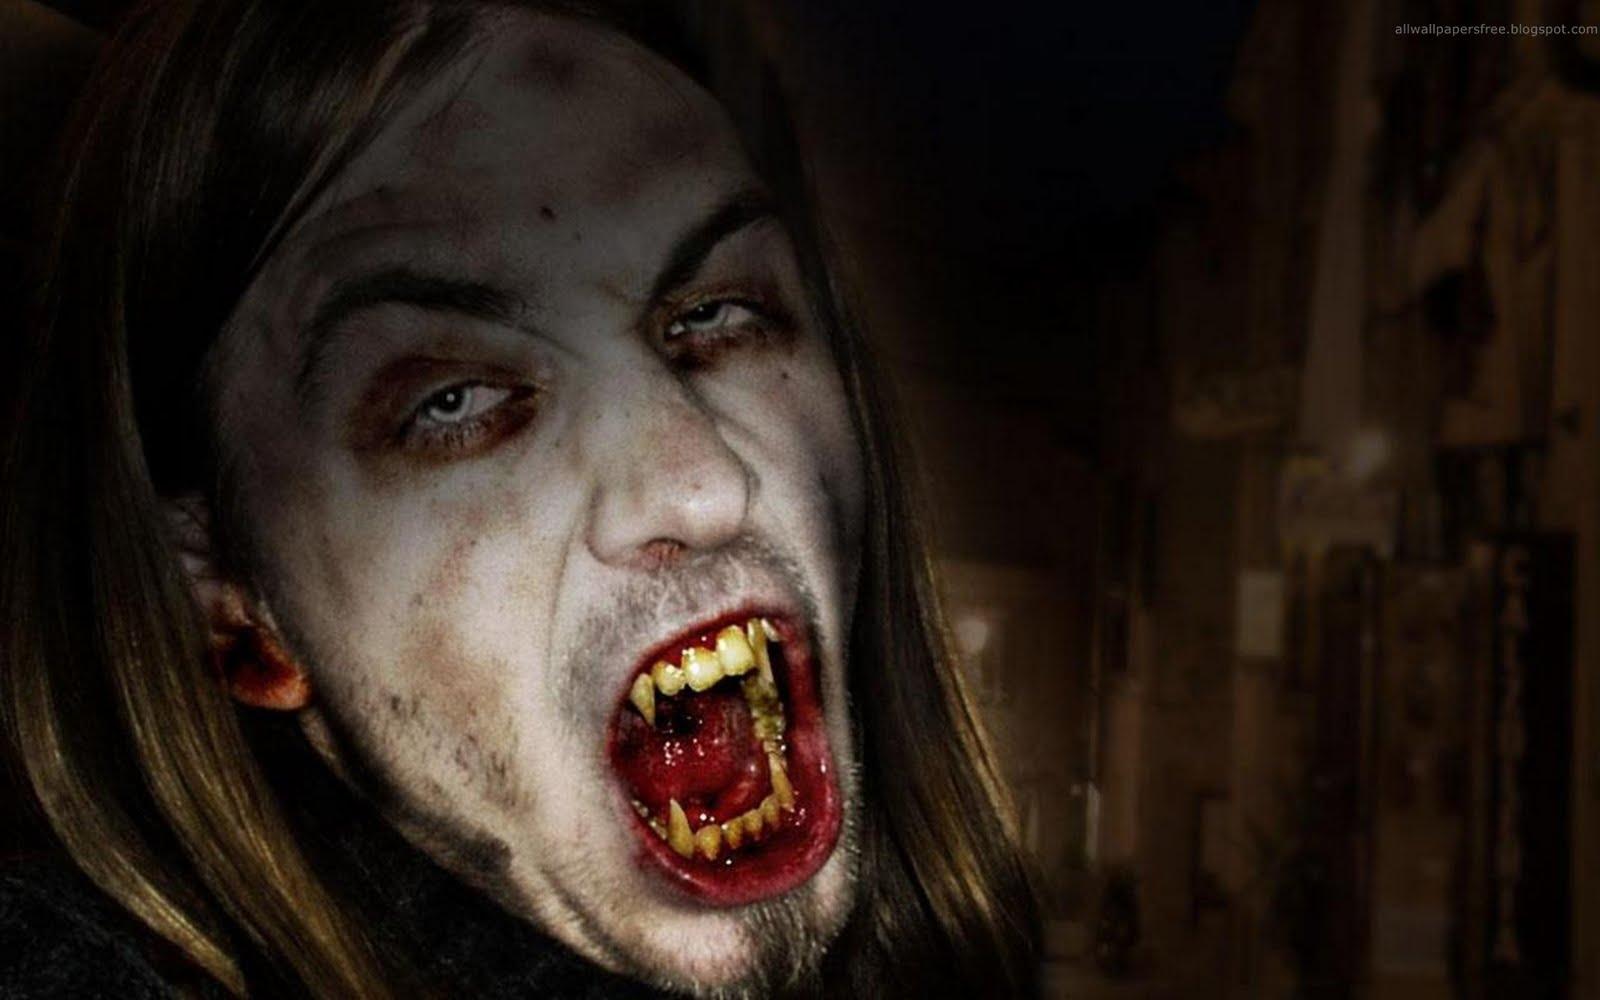 Fondos de vampiros Fondos_de_pantalla_de_vampiros_04